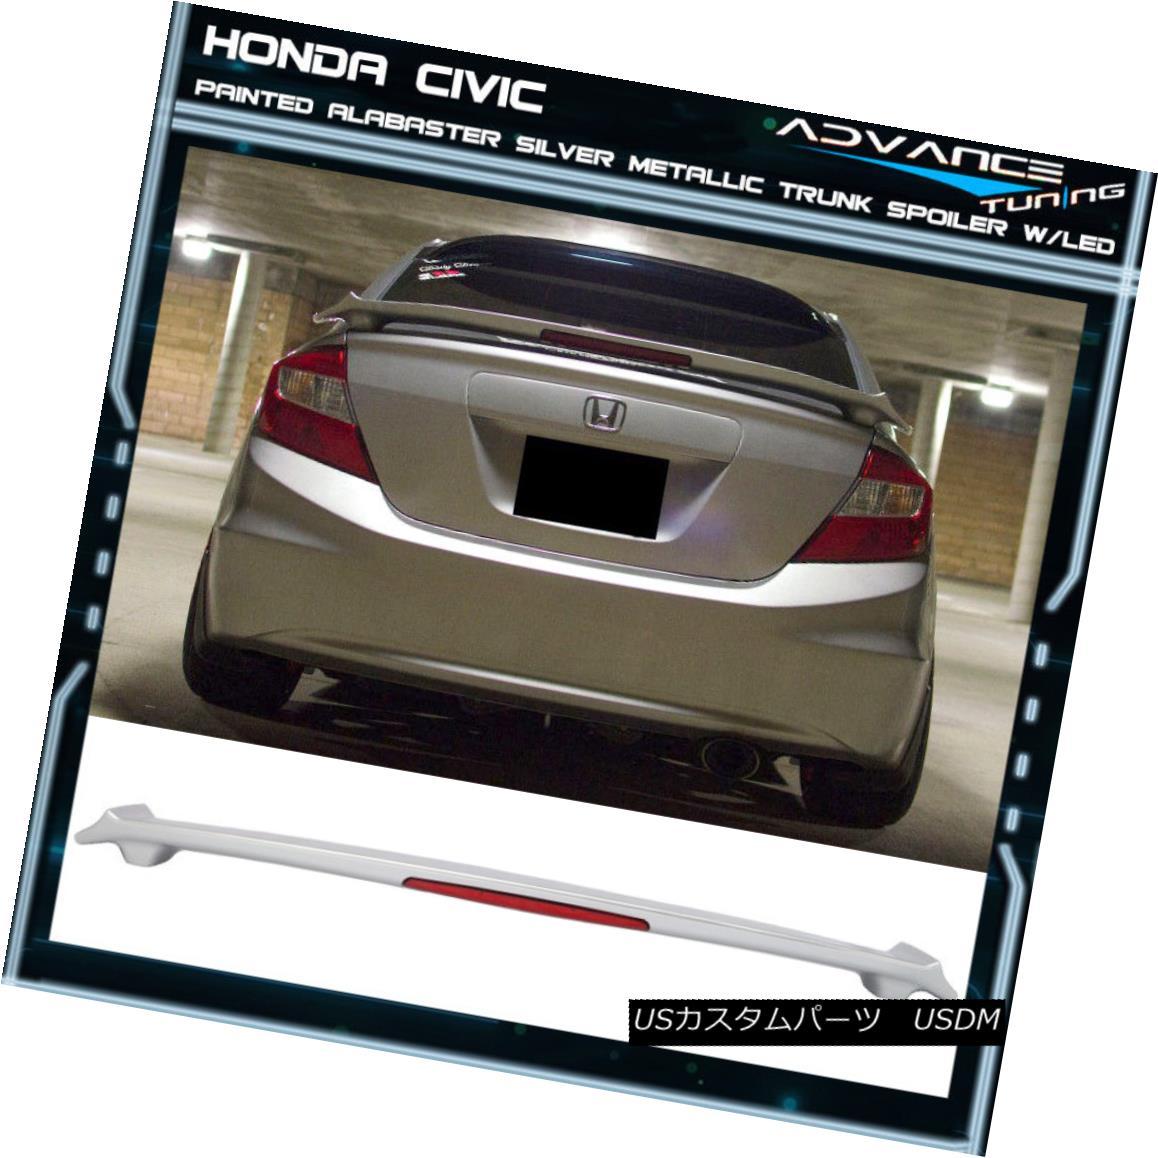 エアロパーツ 12-15 Civic OEM Painted Color Alabaster Silver Metallic # NH700M Trunk Spoiler 12-15市民OEM塗装カラーアラバスターシルバーメタリック#NH700Mトランクスポイラー